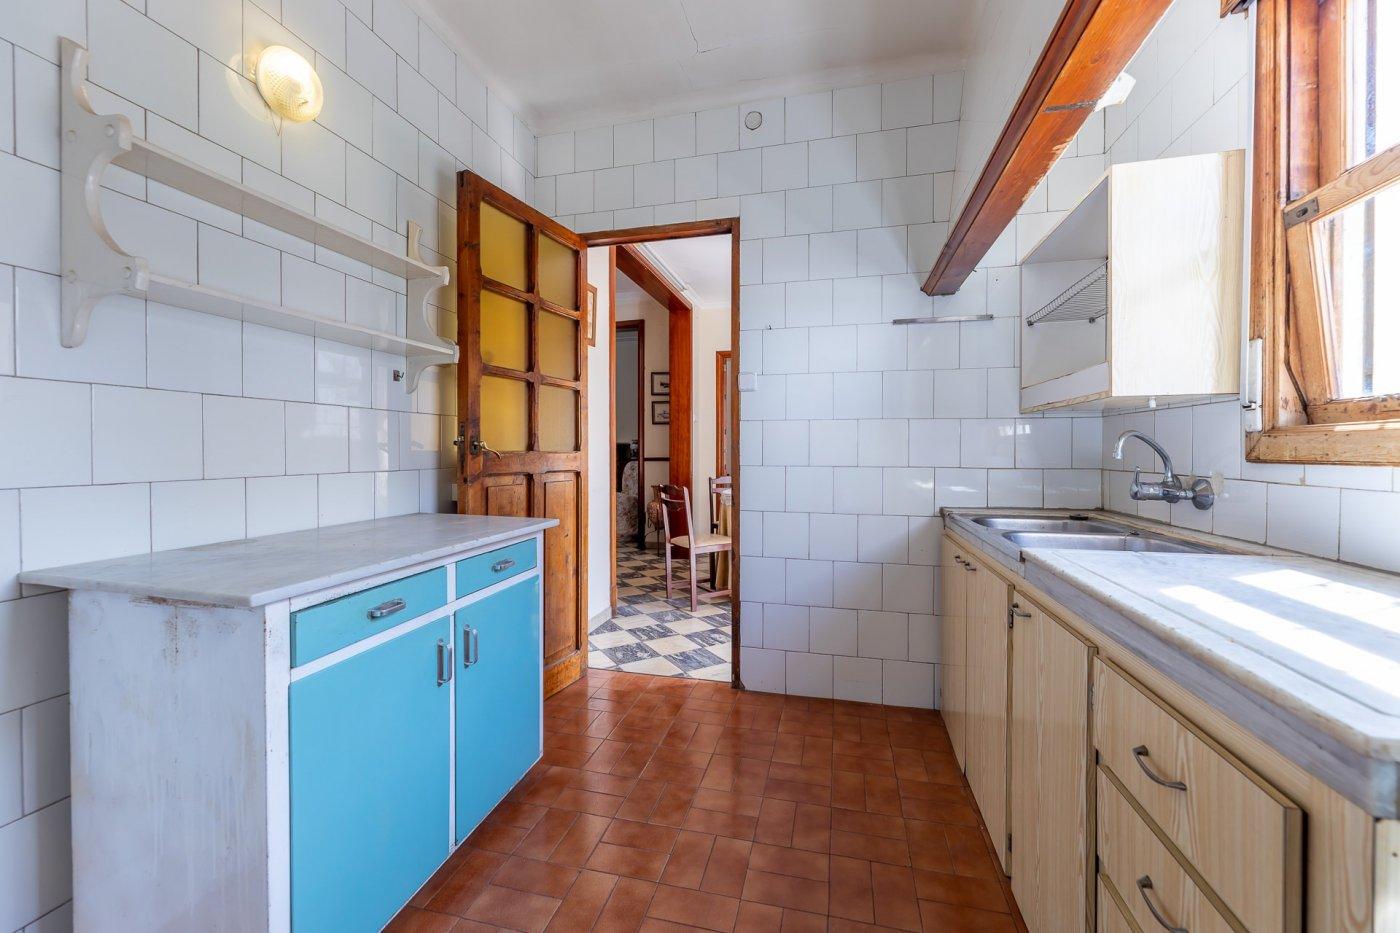 Casa con jardin en els hostalets, palma - imagenInmueble19